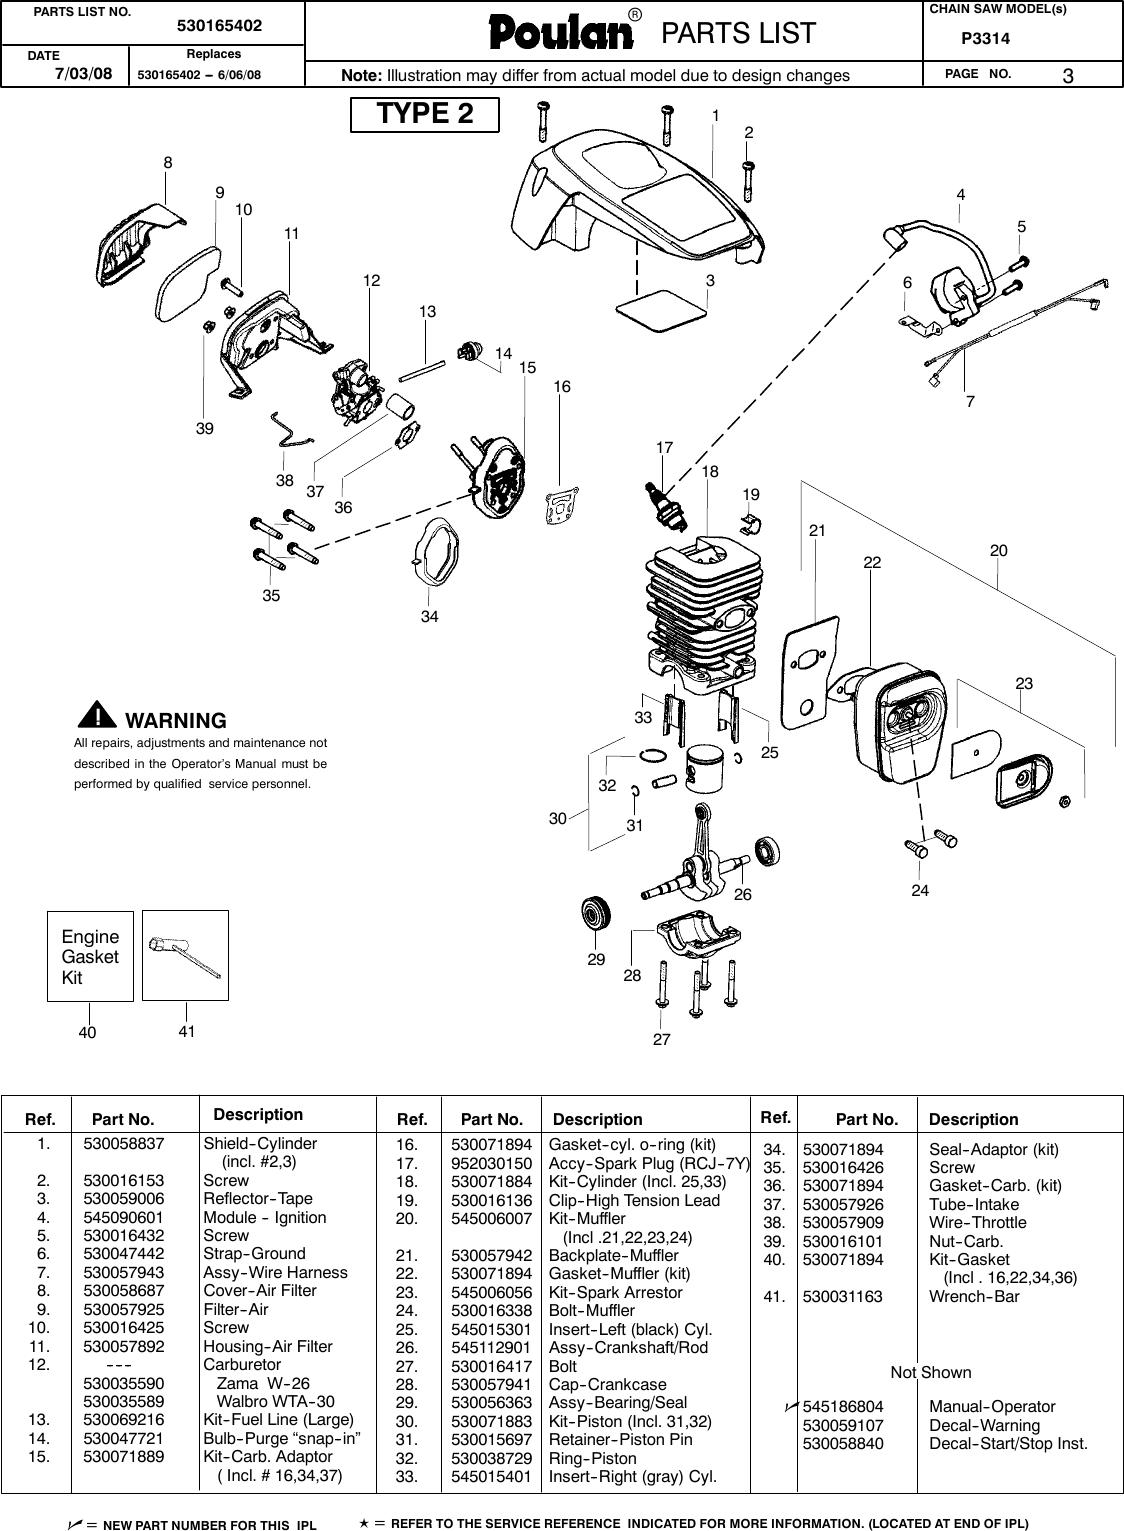 Poulan P3314 Parts Manual IPL,POULAN,P3314,2004,952802026